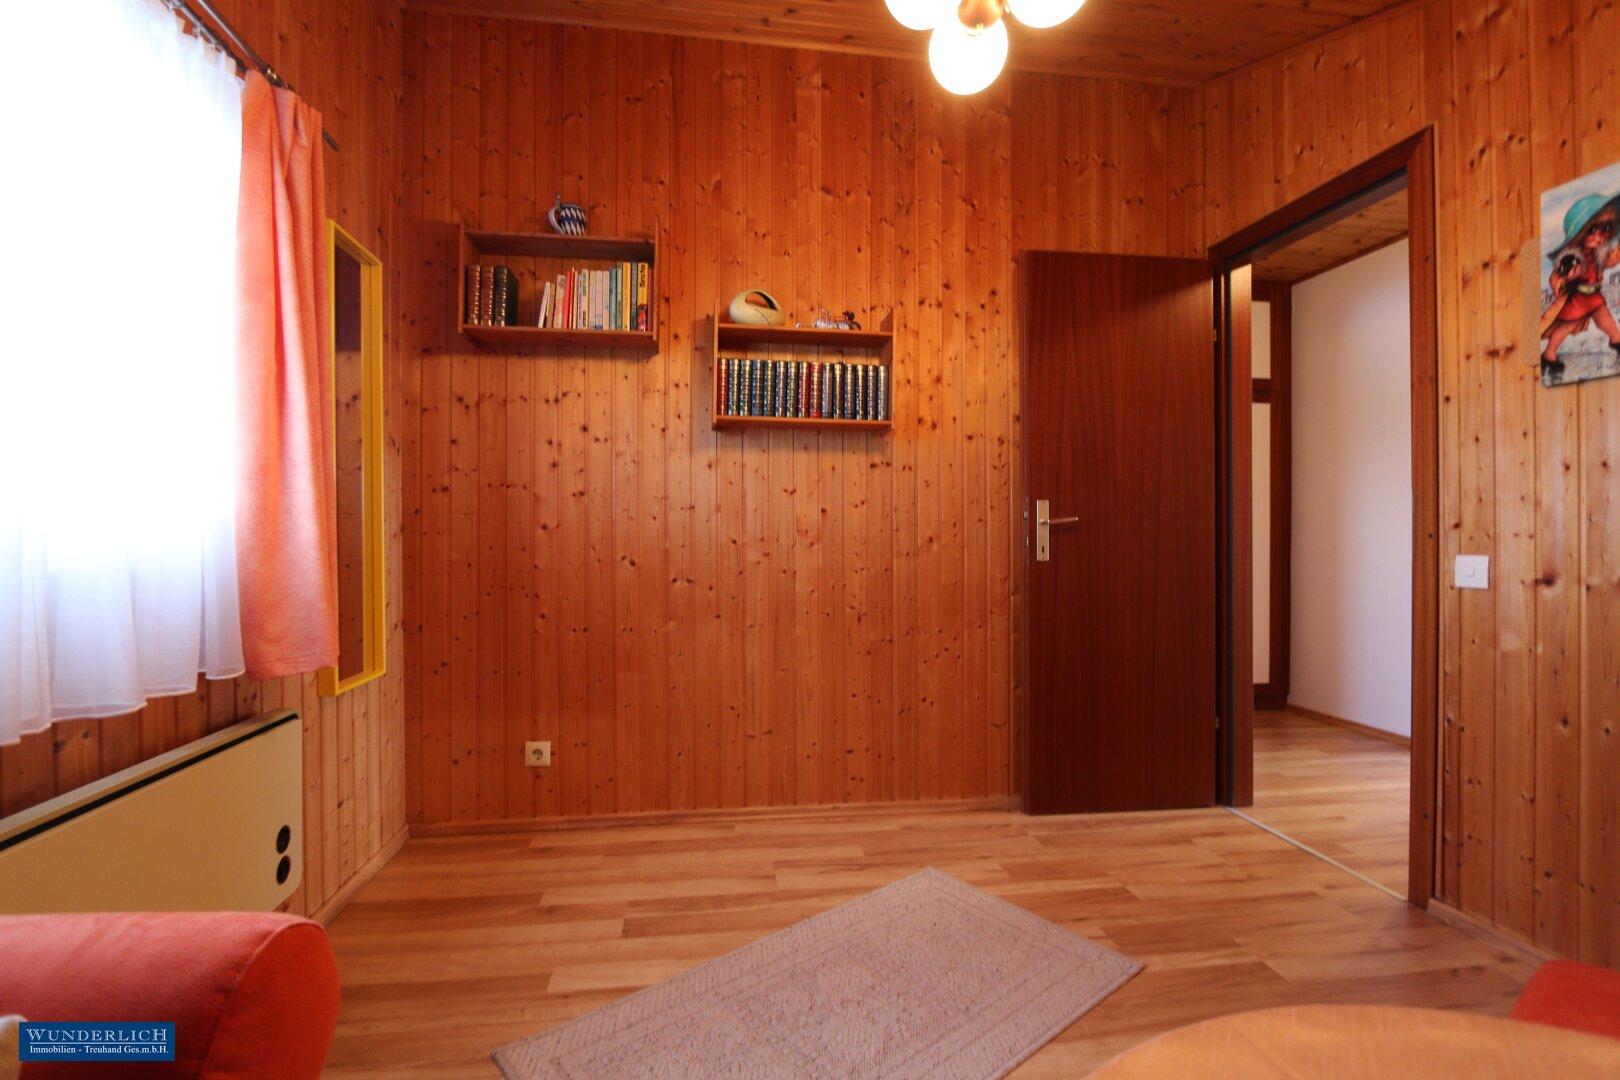 Gäste-/Kinderzimmer im Dachgeschoß